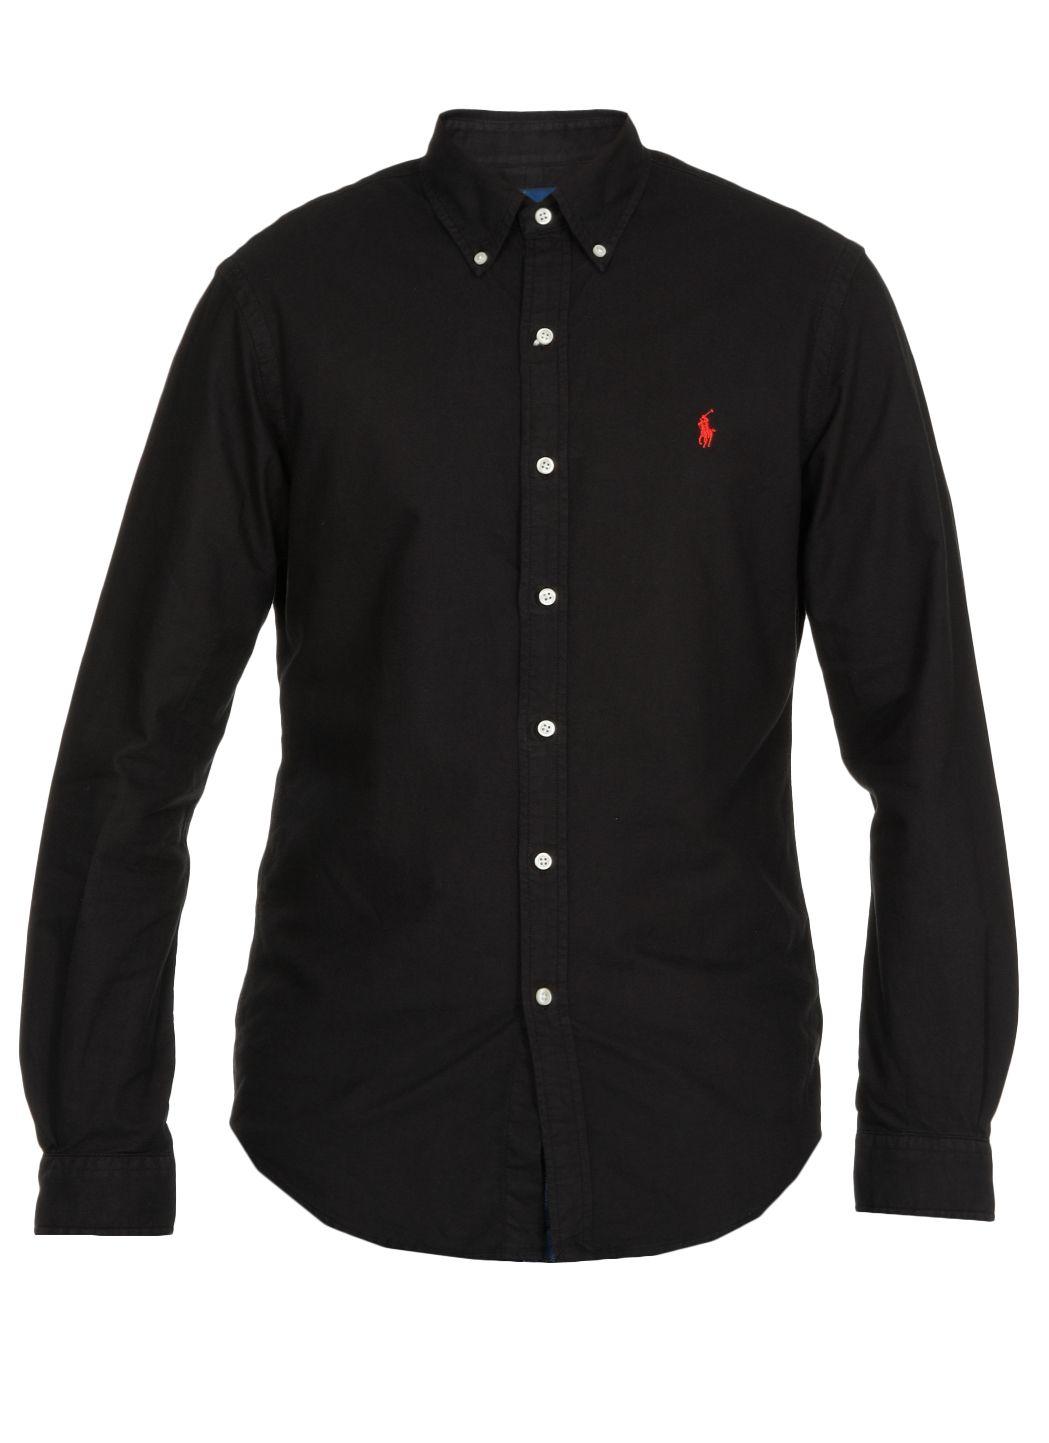 Ralph Lauren cotton shirt